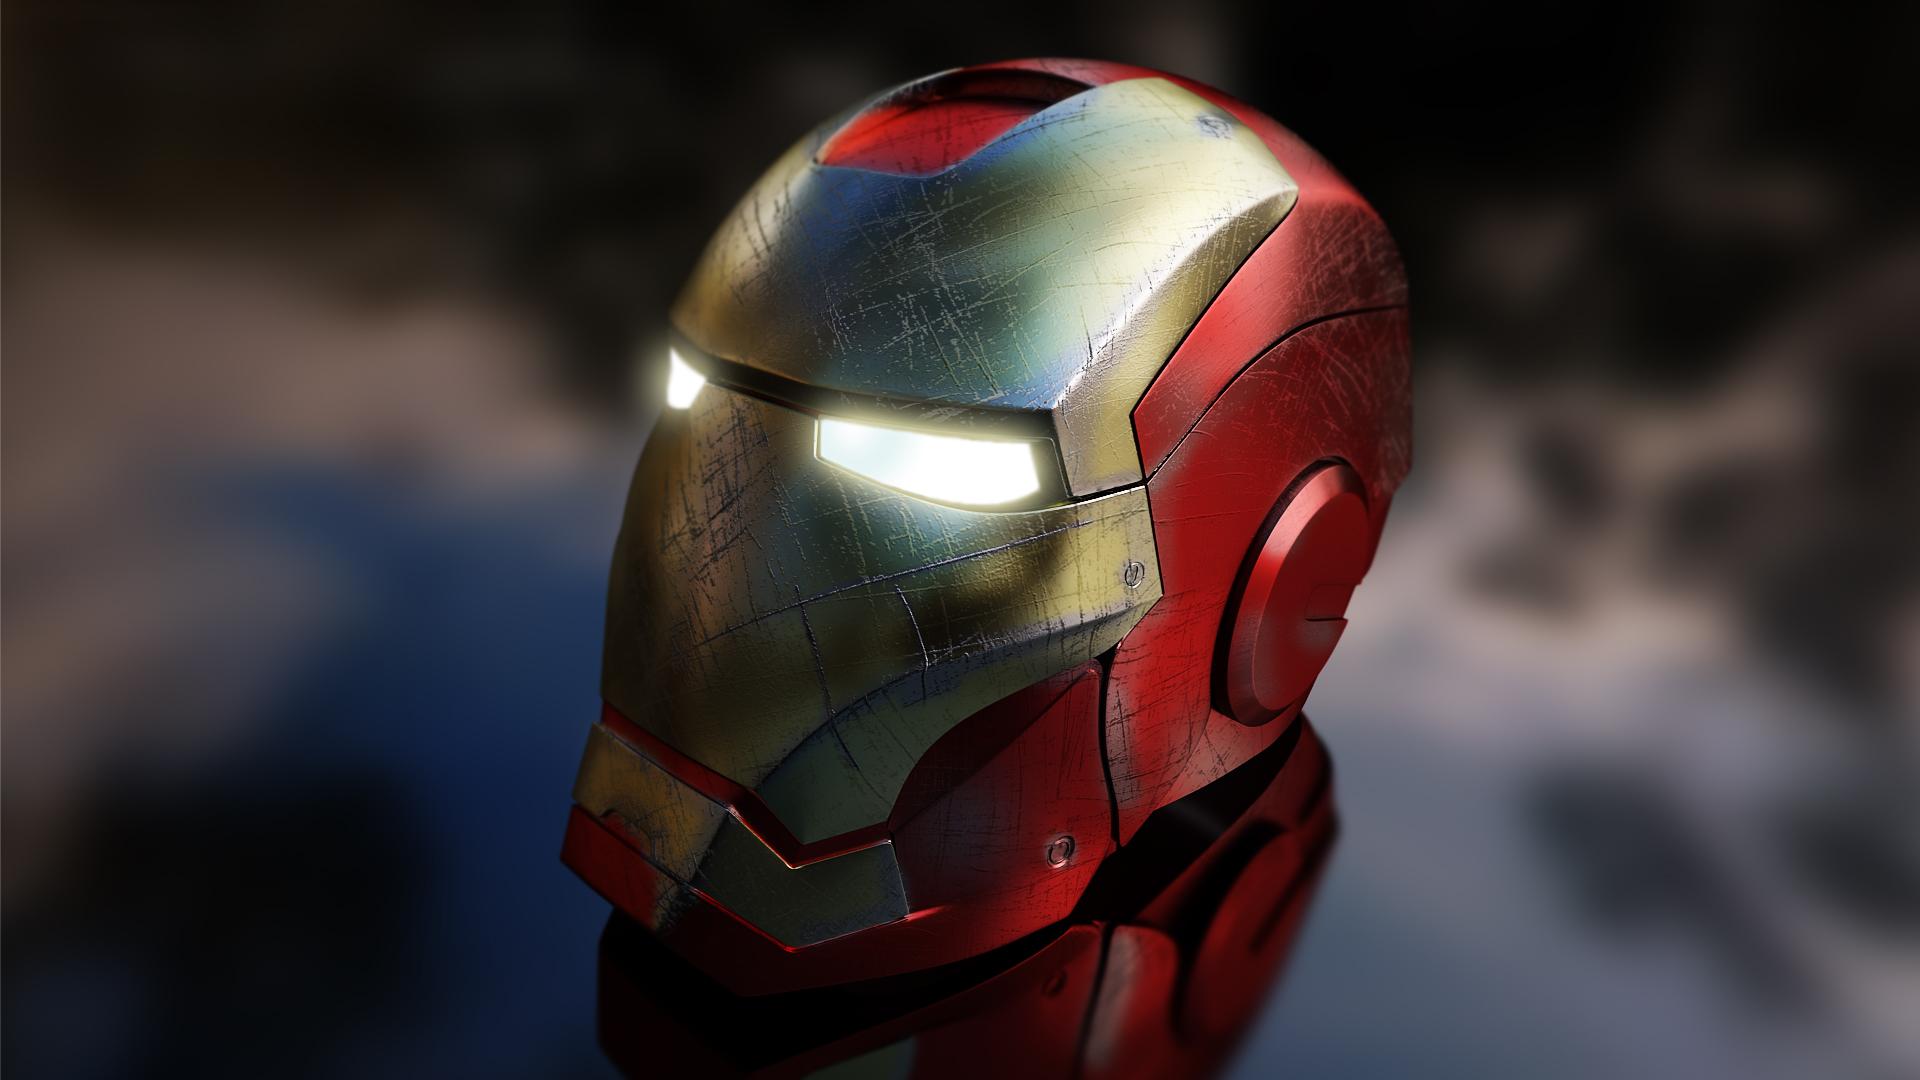 iron man helmetattilamarton on deviantart